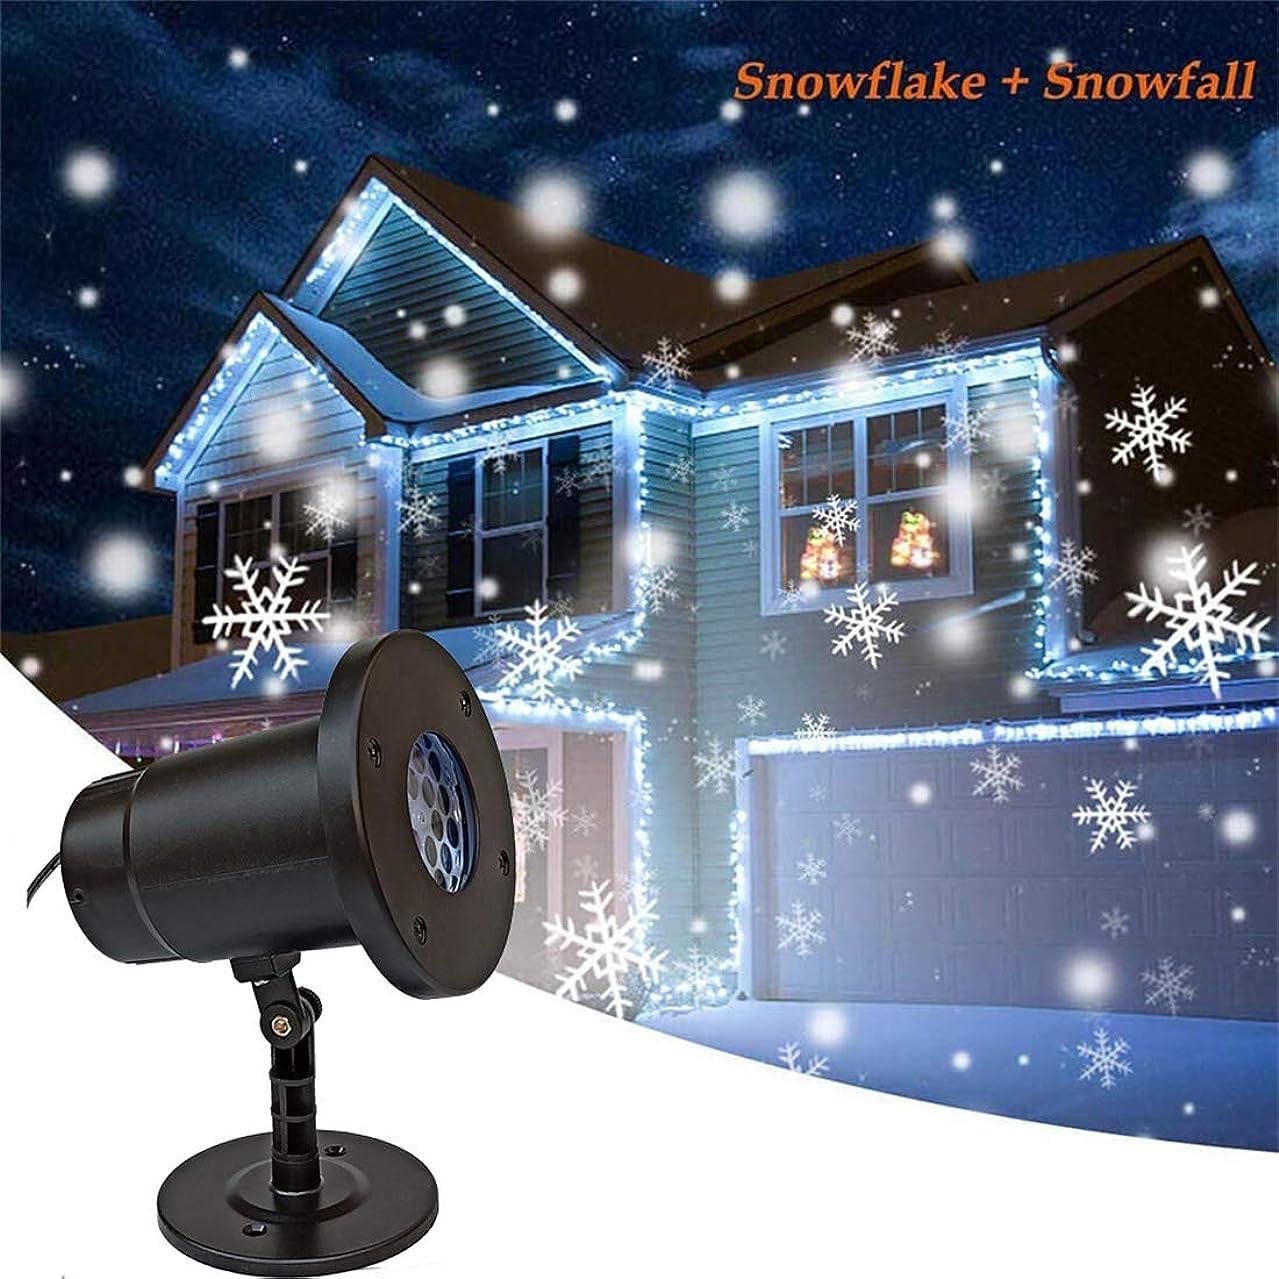 神経モンスター呪いLEDスノーフレークプロジェクションライト、リモートコントロール屋外防水芝生ランプ、ガーデングランドプラグライト、フェスティバルデコレーションランプ、110-240V